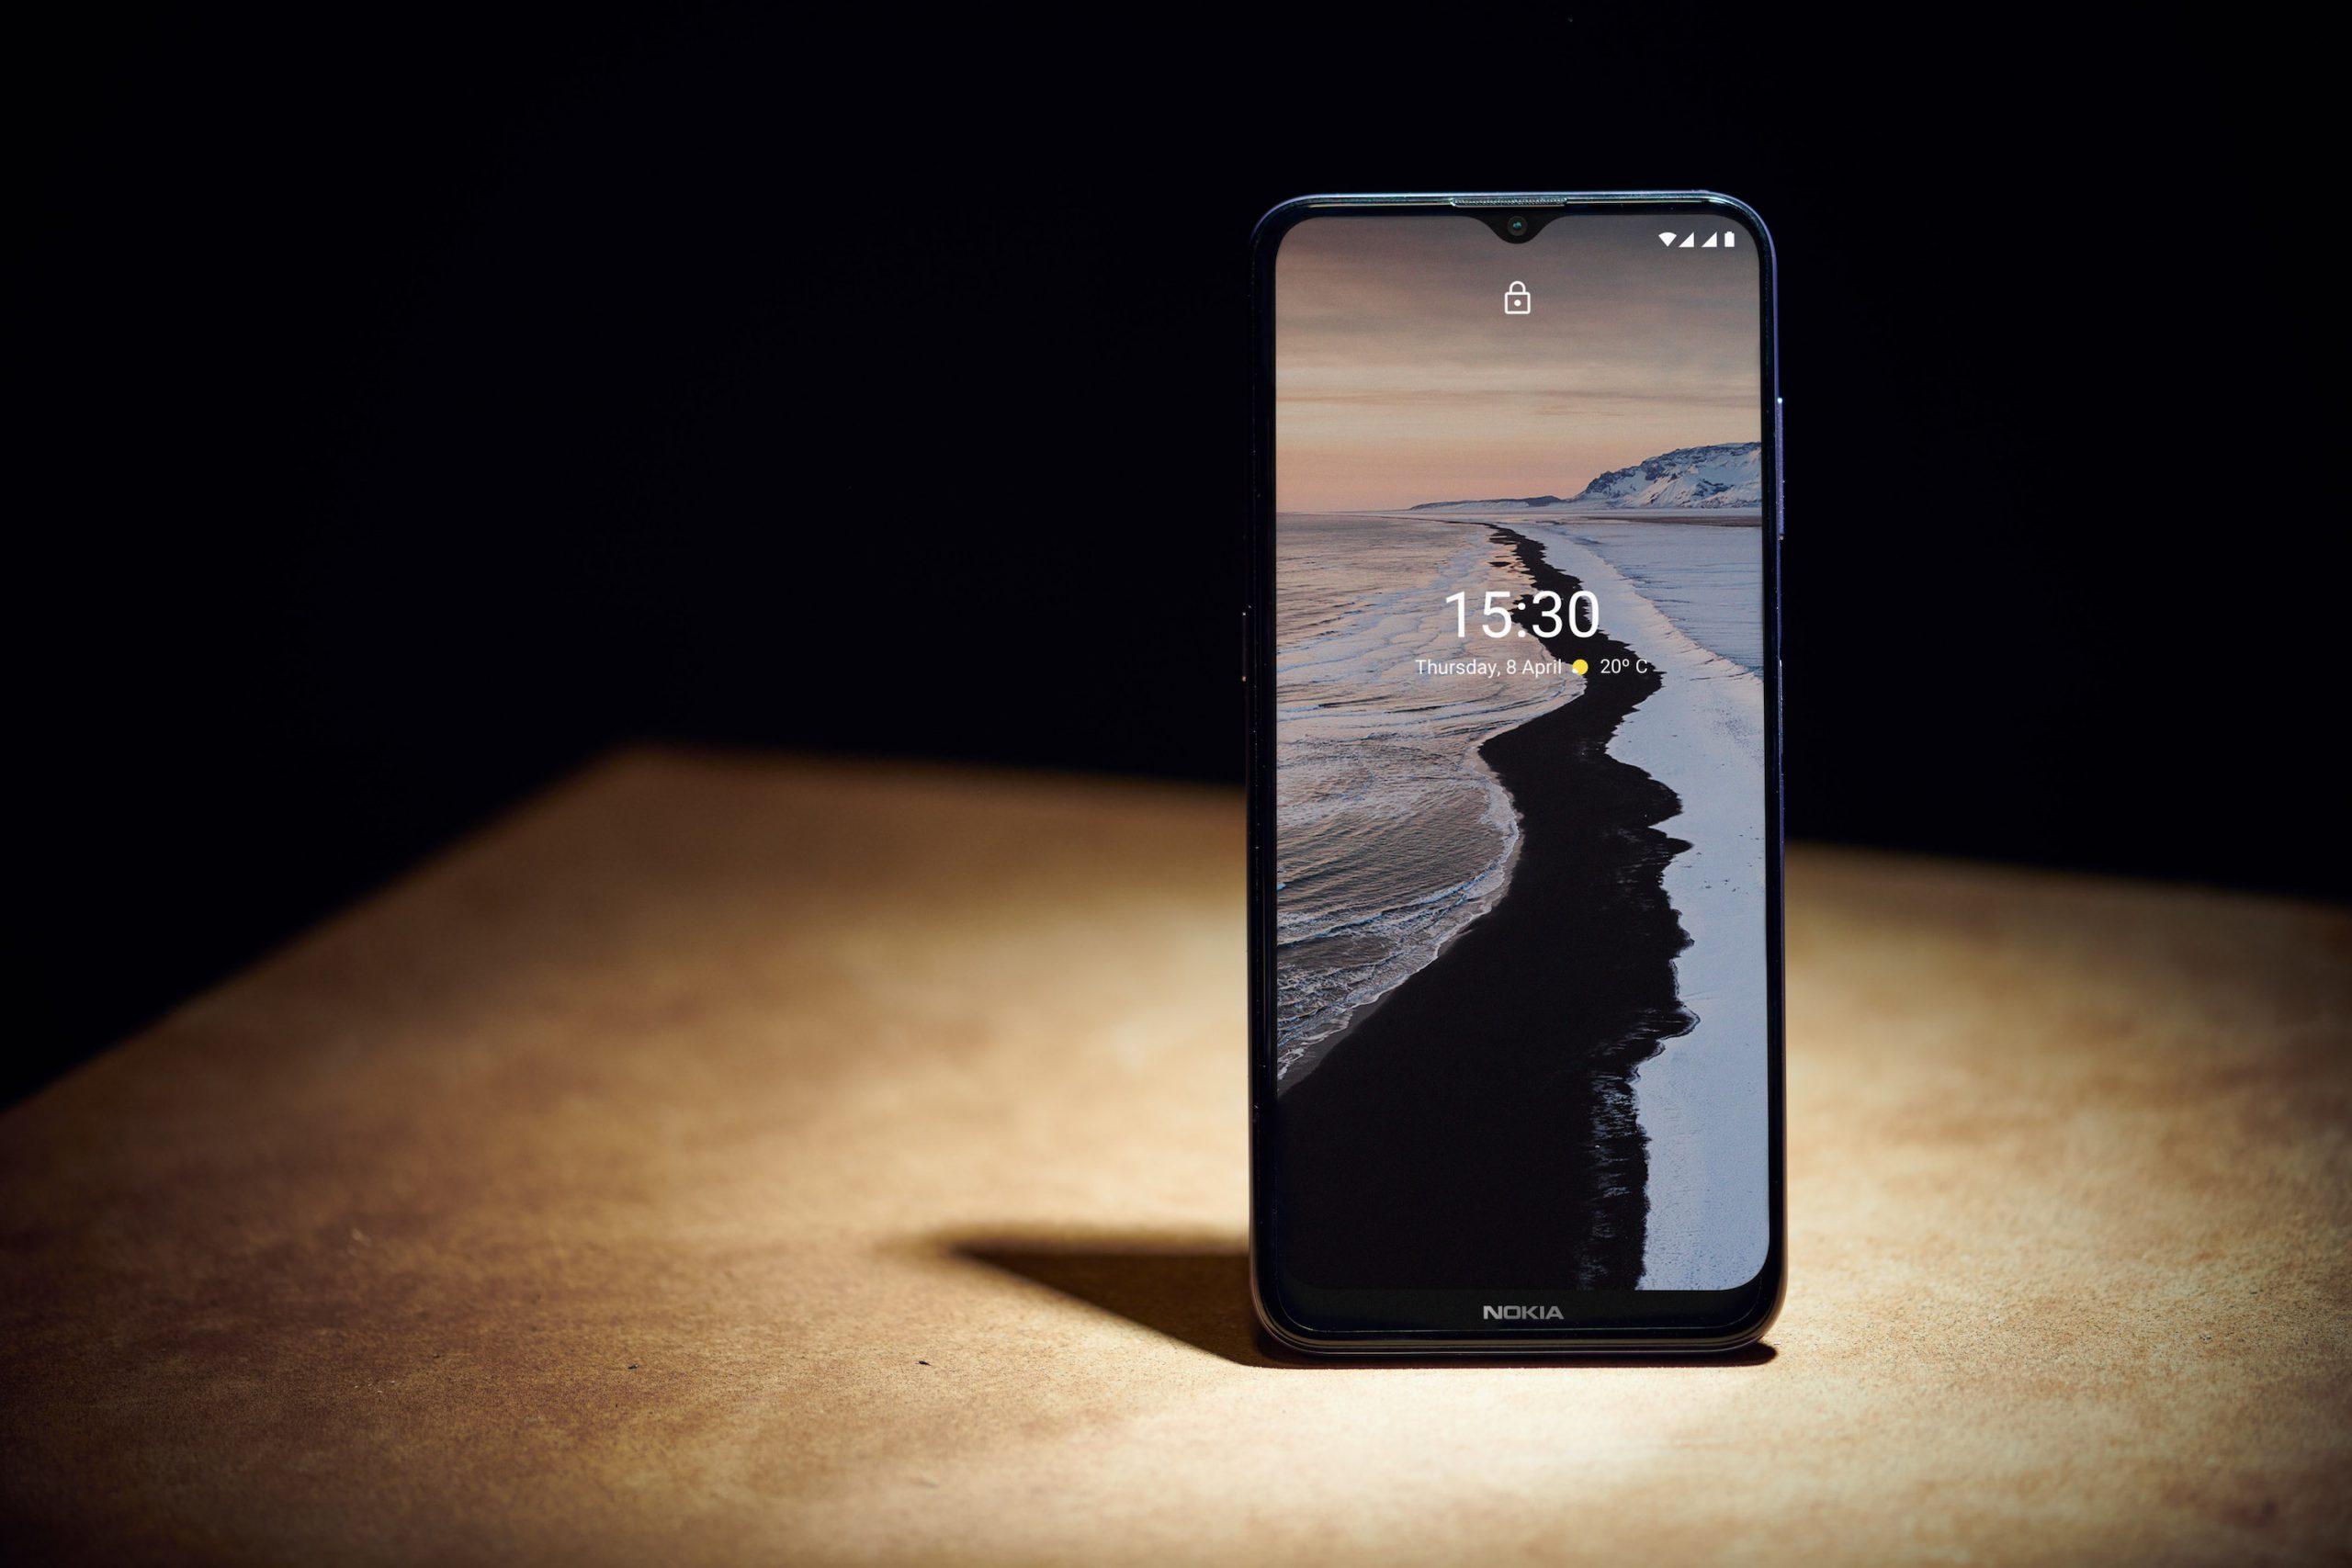 Nokia ra mắt 6 smartphone mới cho trải nghiệm đa dạng ở mọi phân khúc